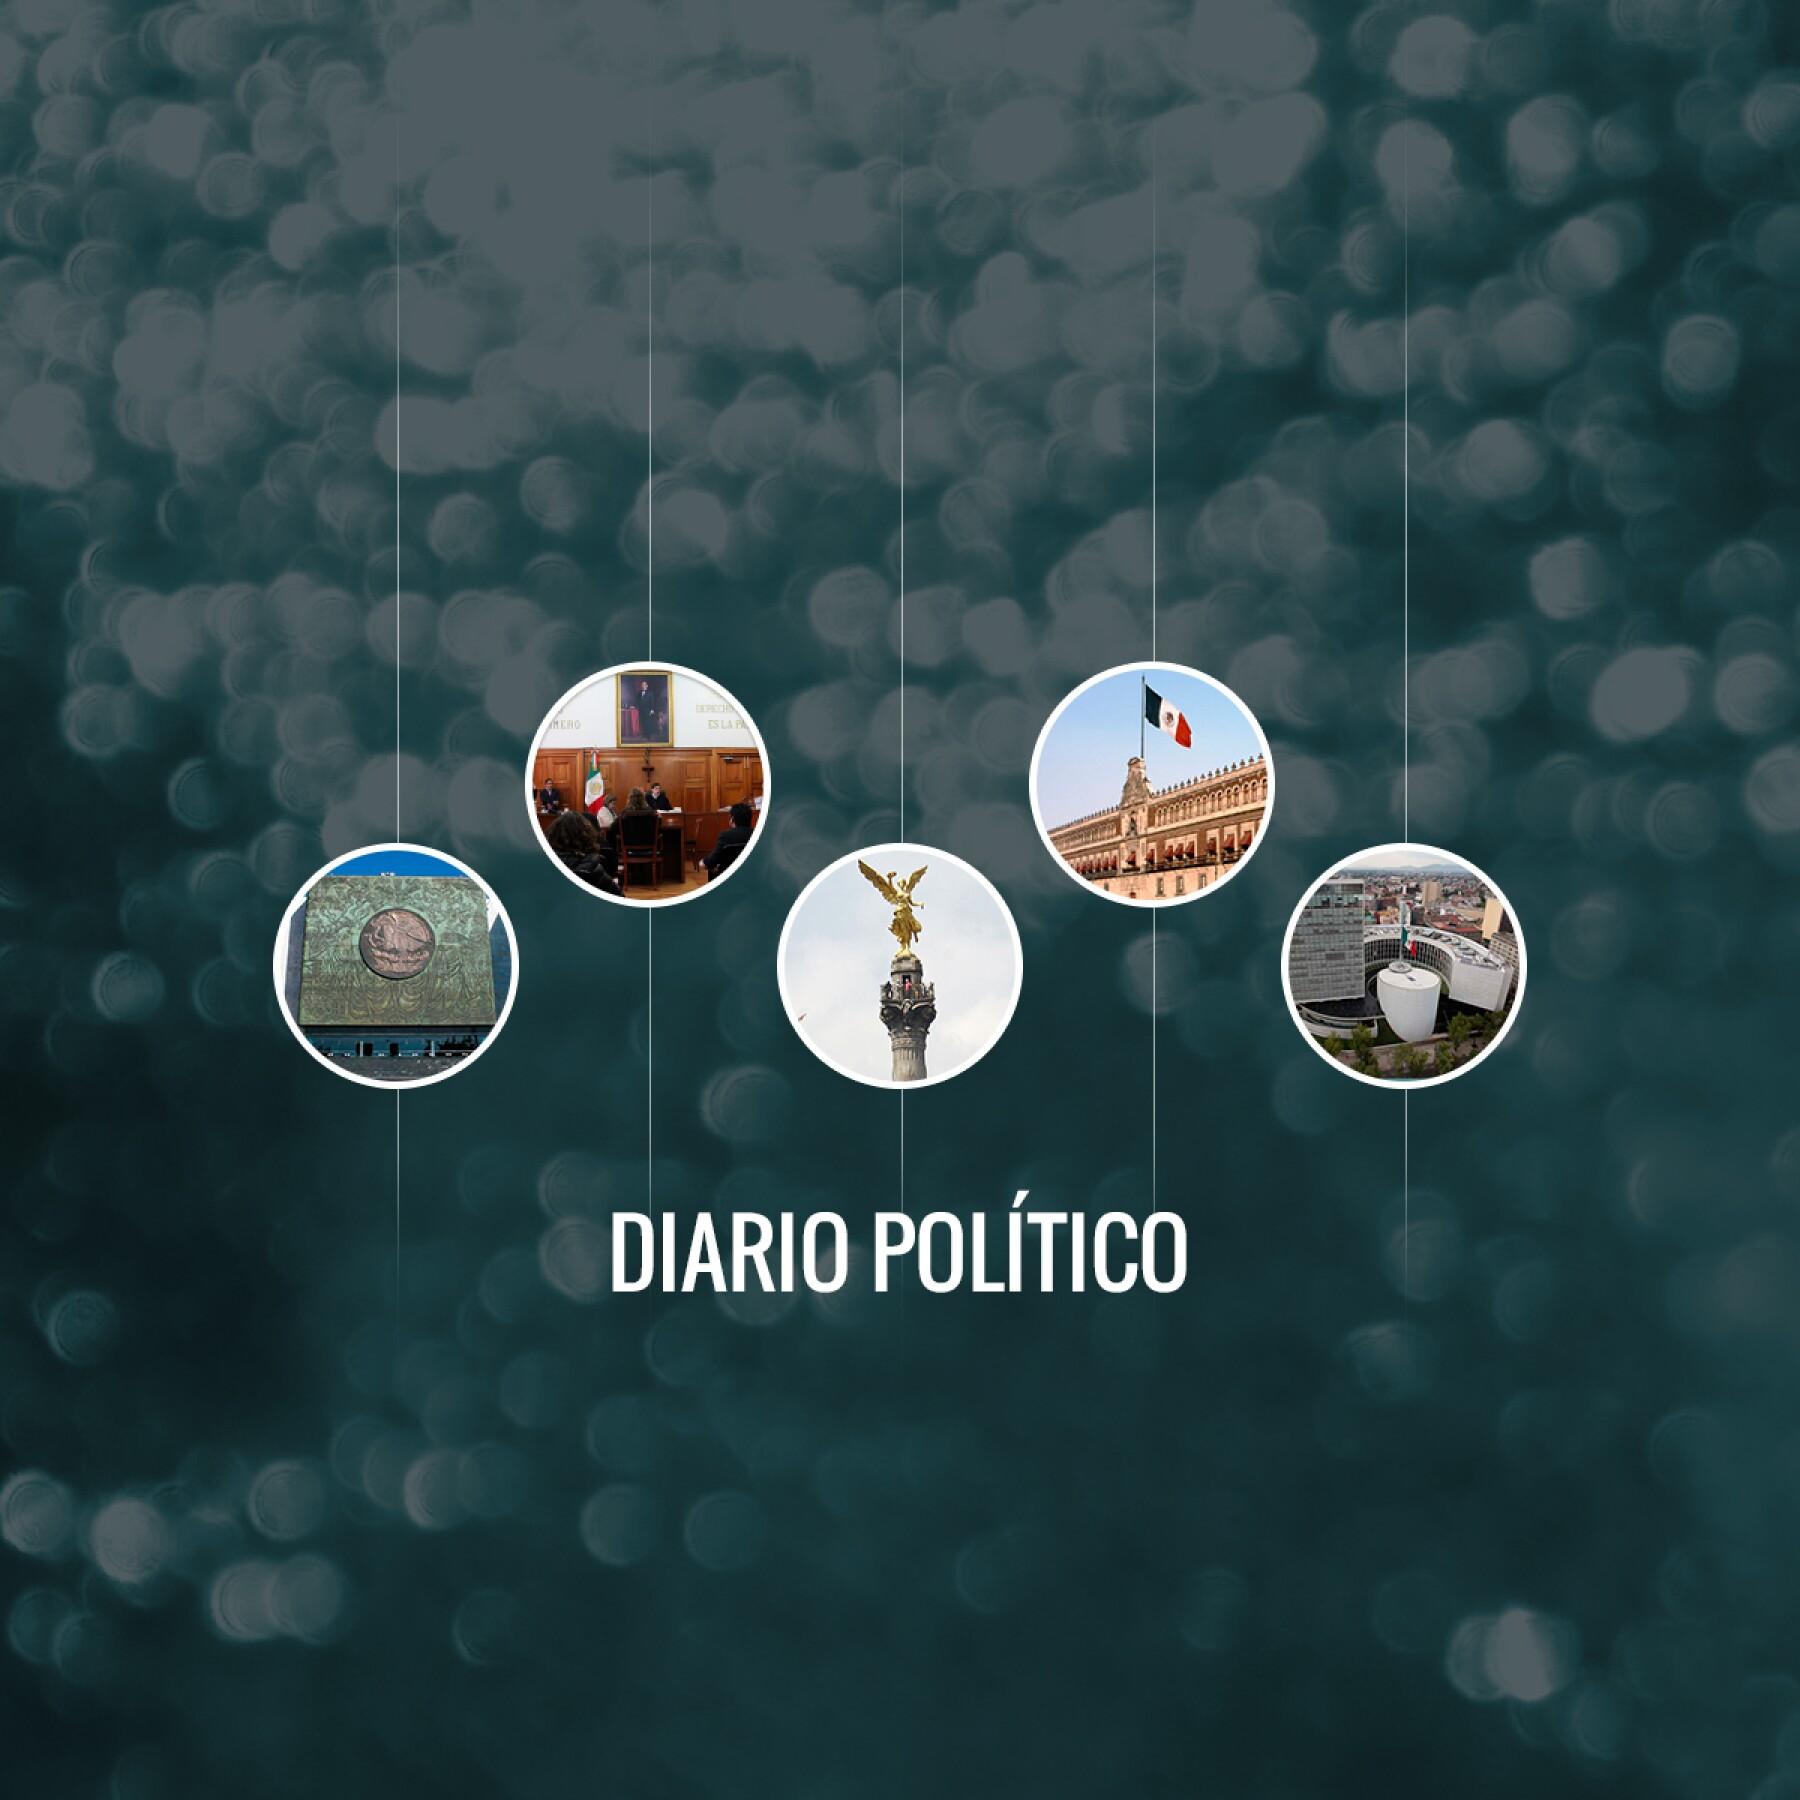 El día a día del quehacer político  nacional: los personajes, las decisiones y su impacto.